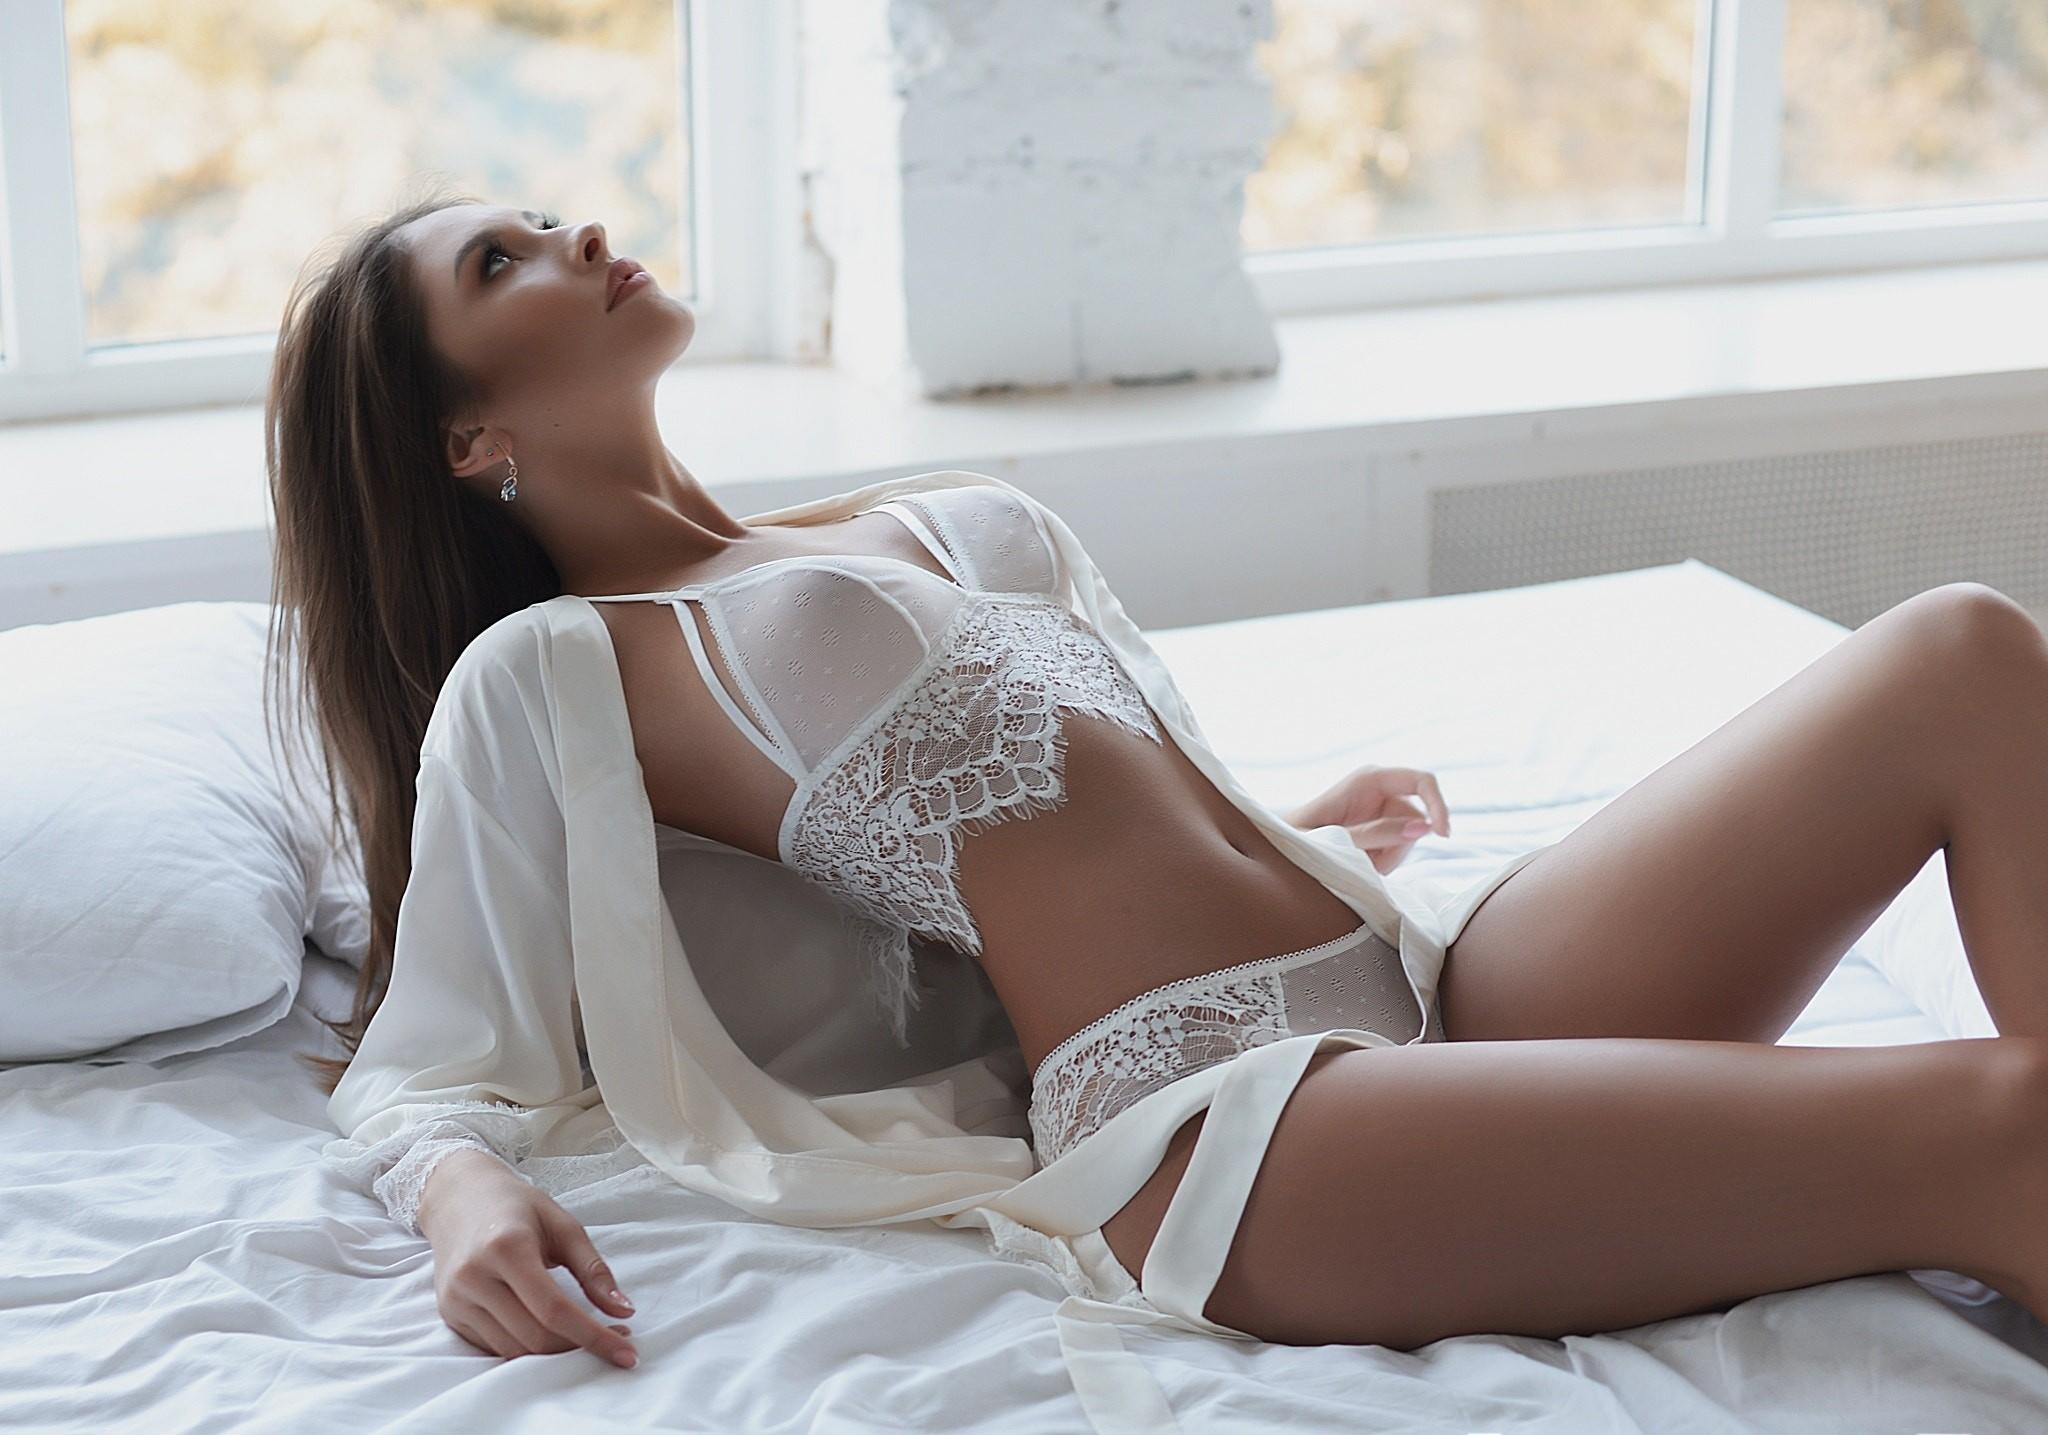 Полуголые девушки в кружевном белье, голая жена смотреть онлайн